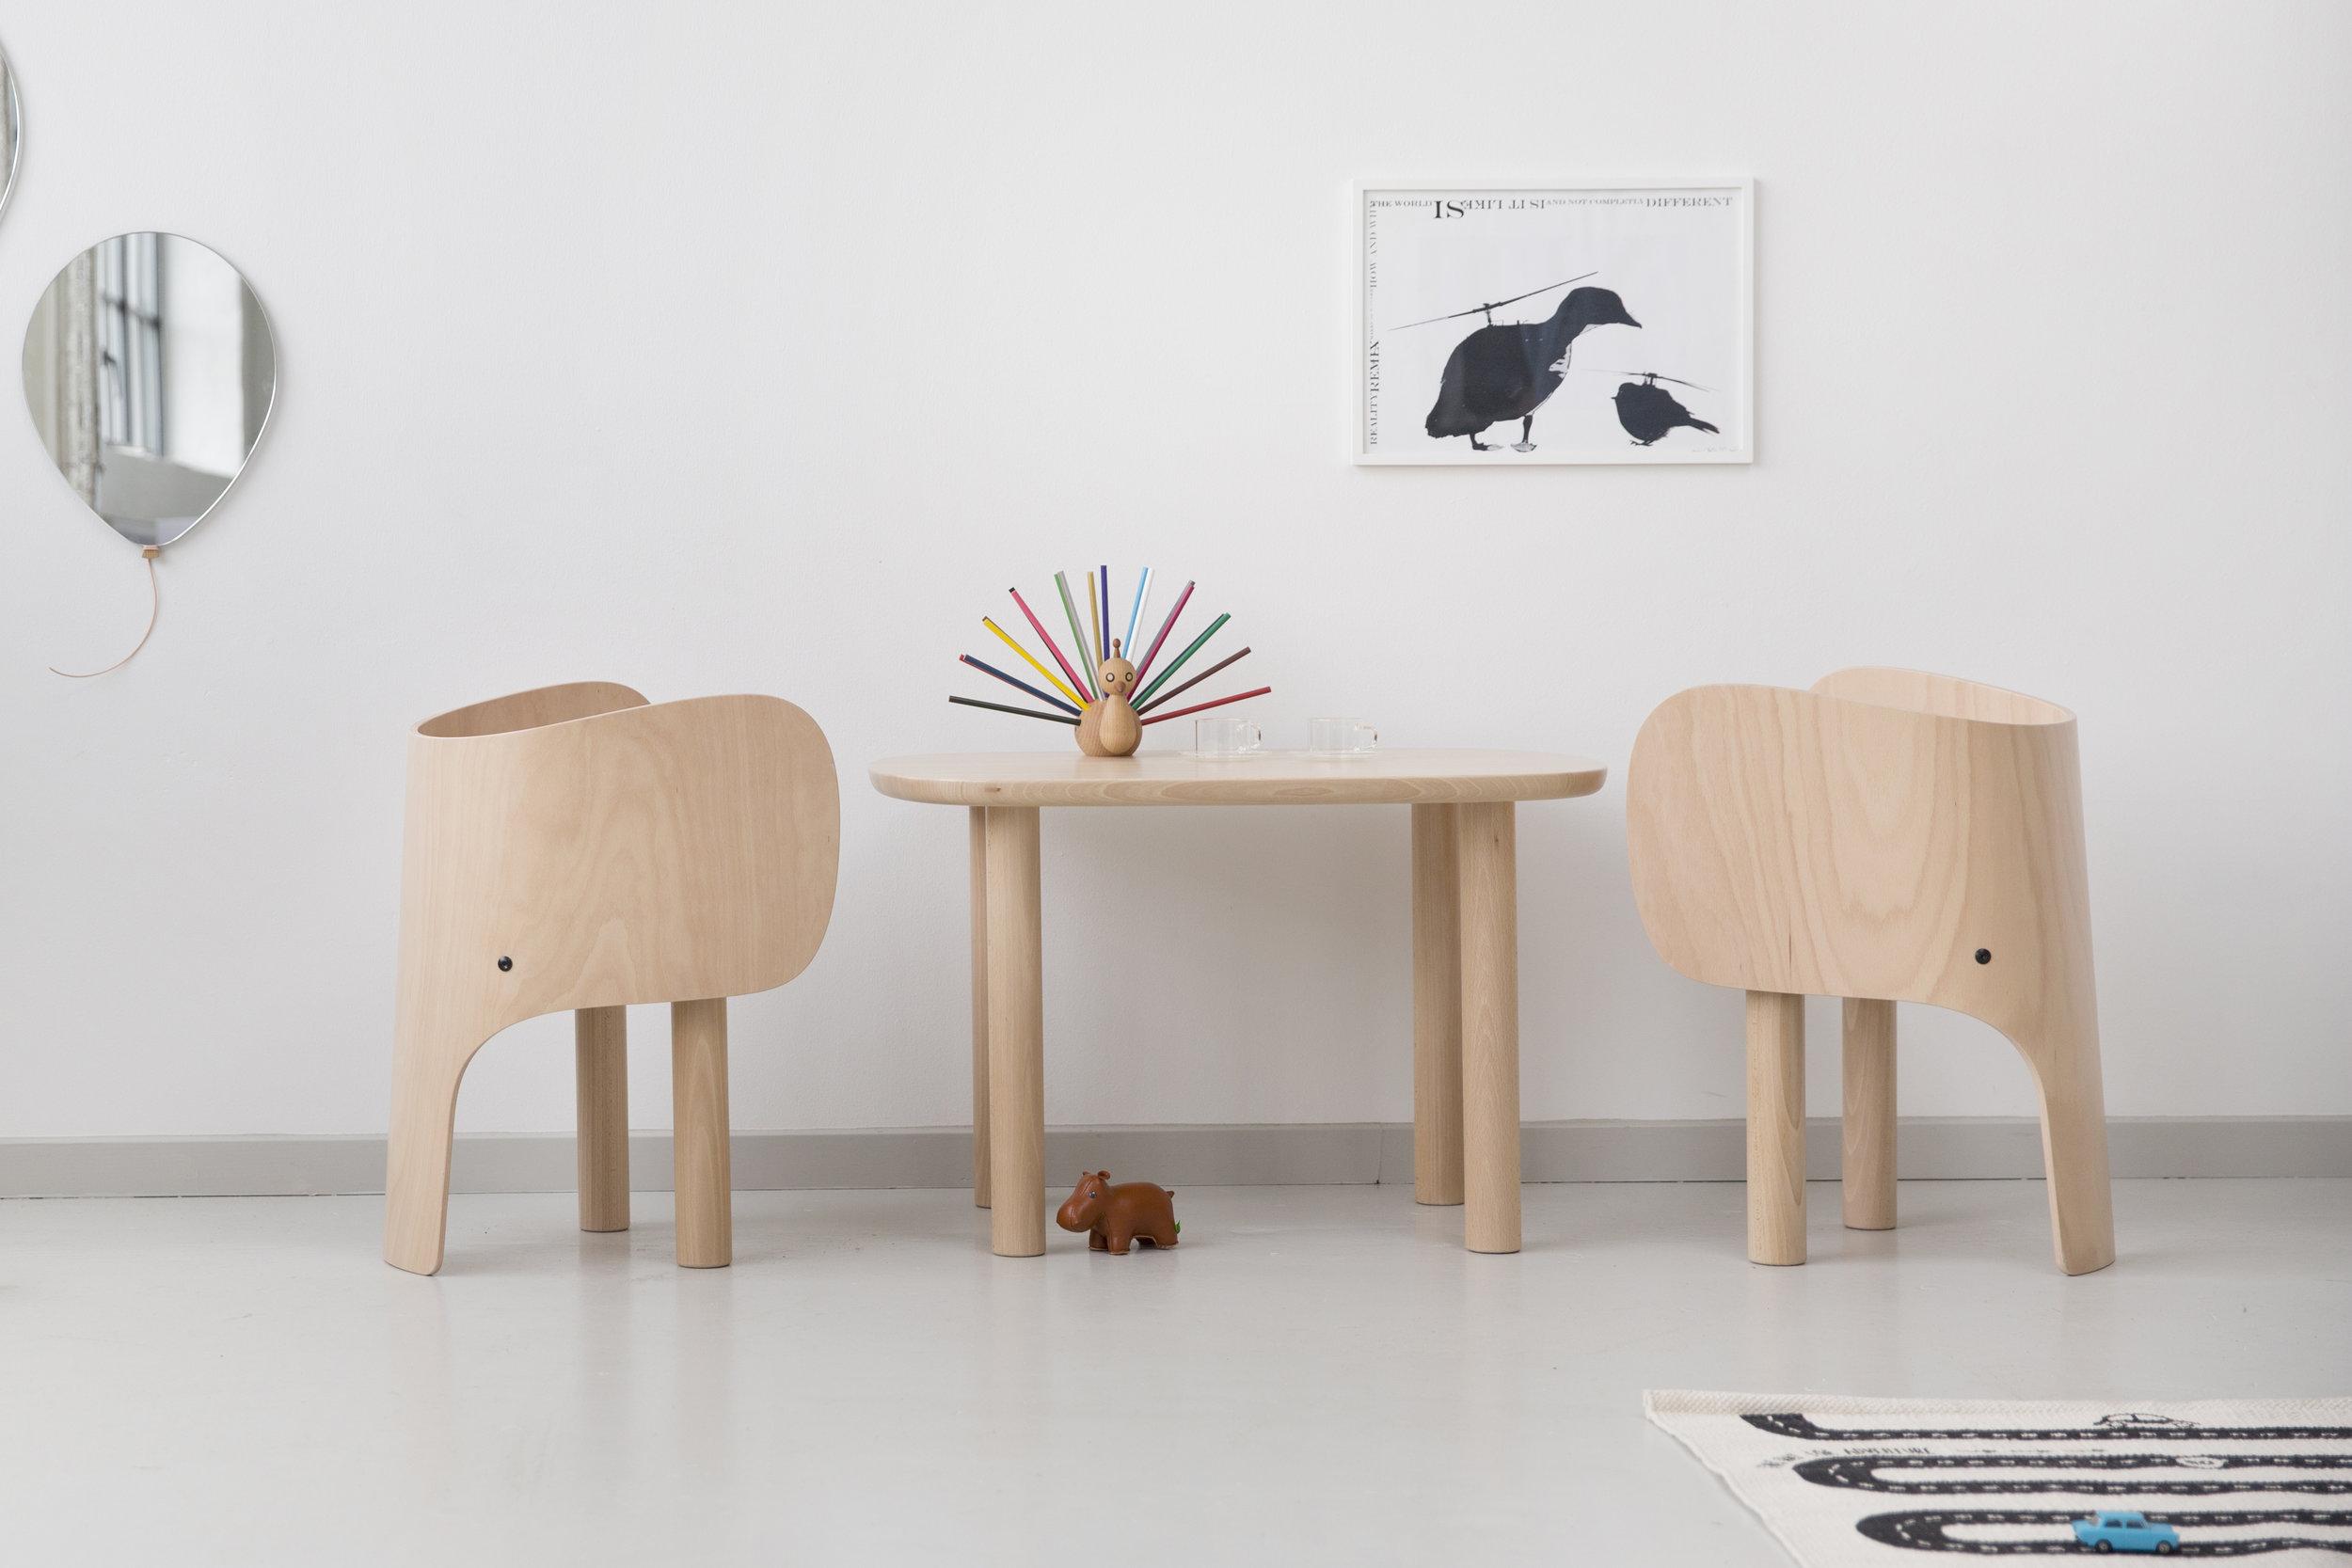 EO_Elephant_Chair_Table_01.jpg